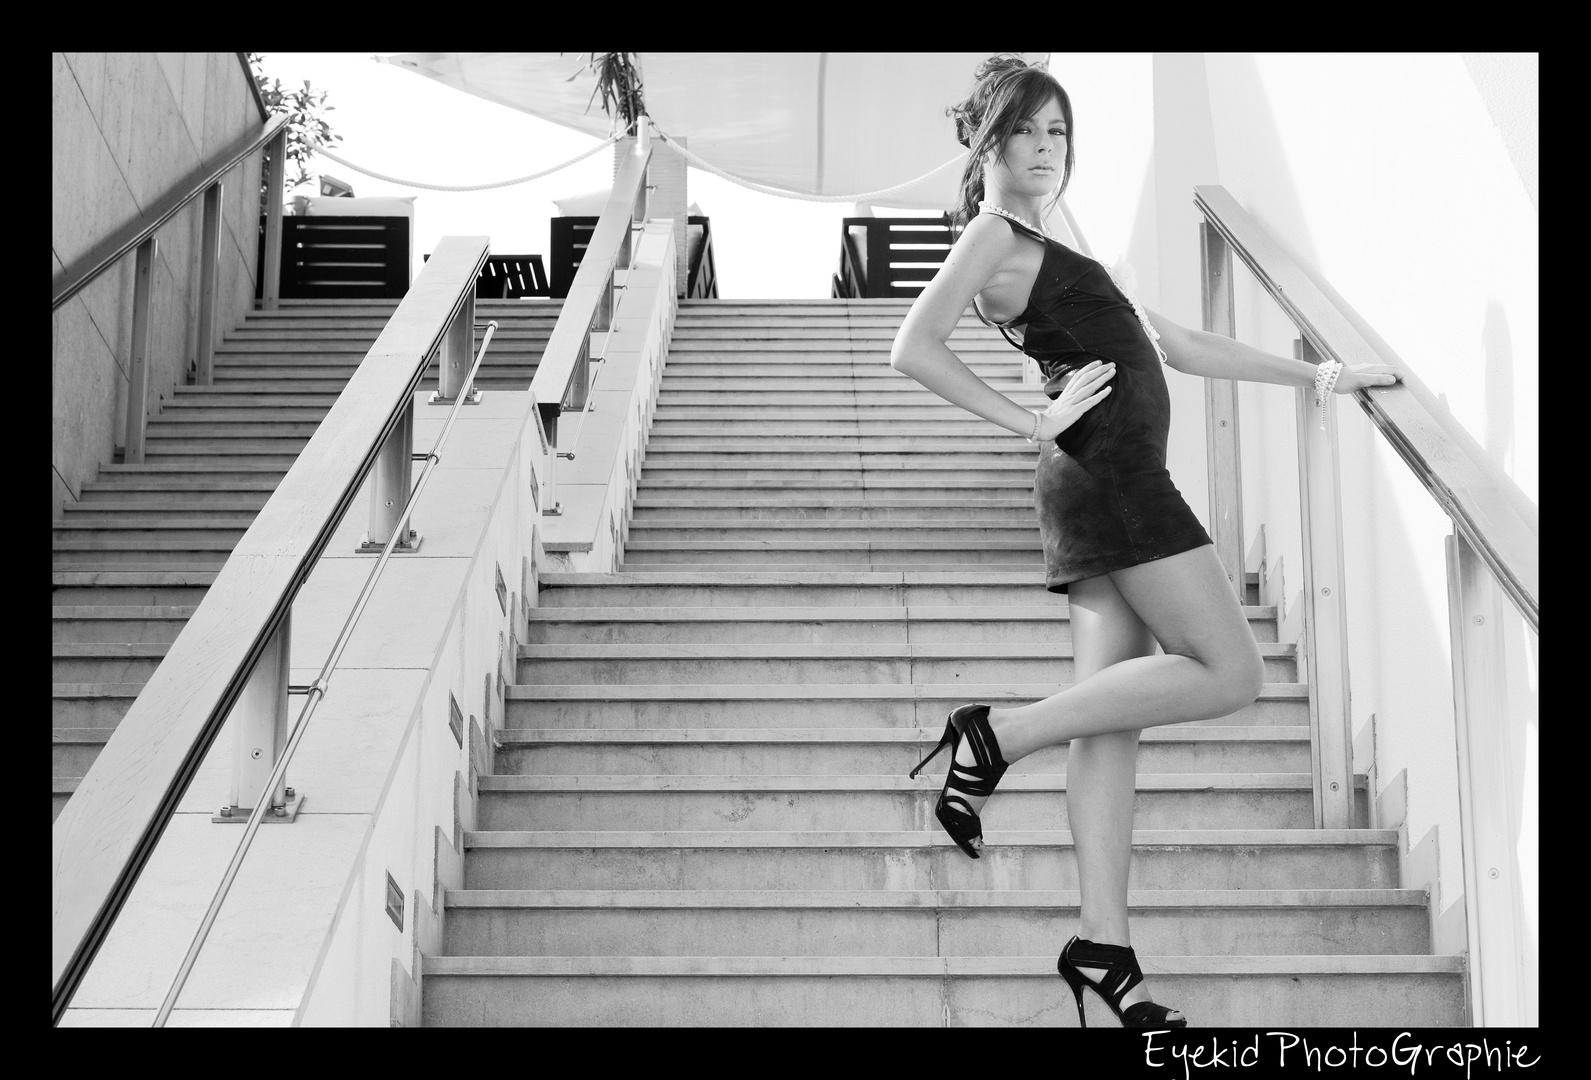 Julia - Monaco Part 2